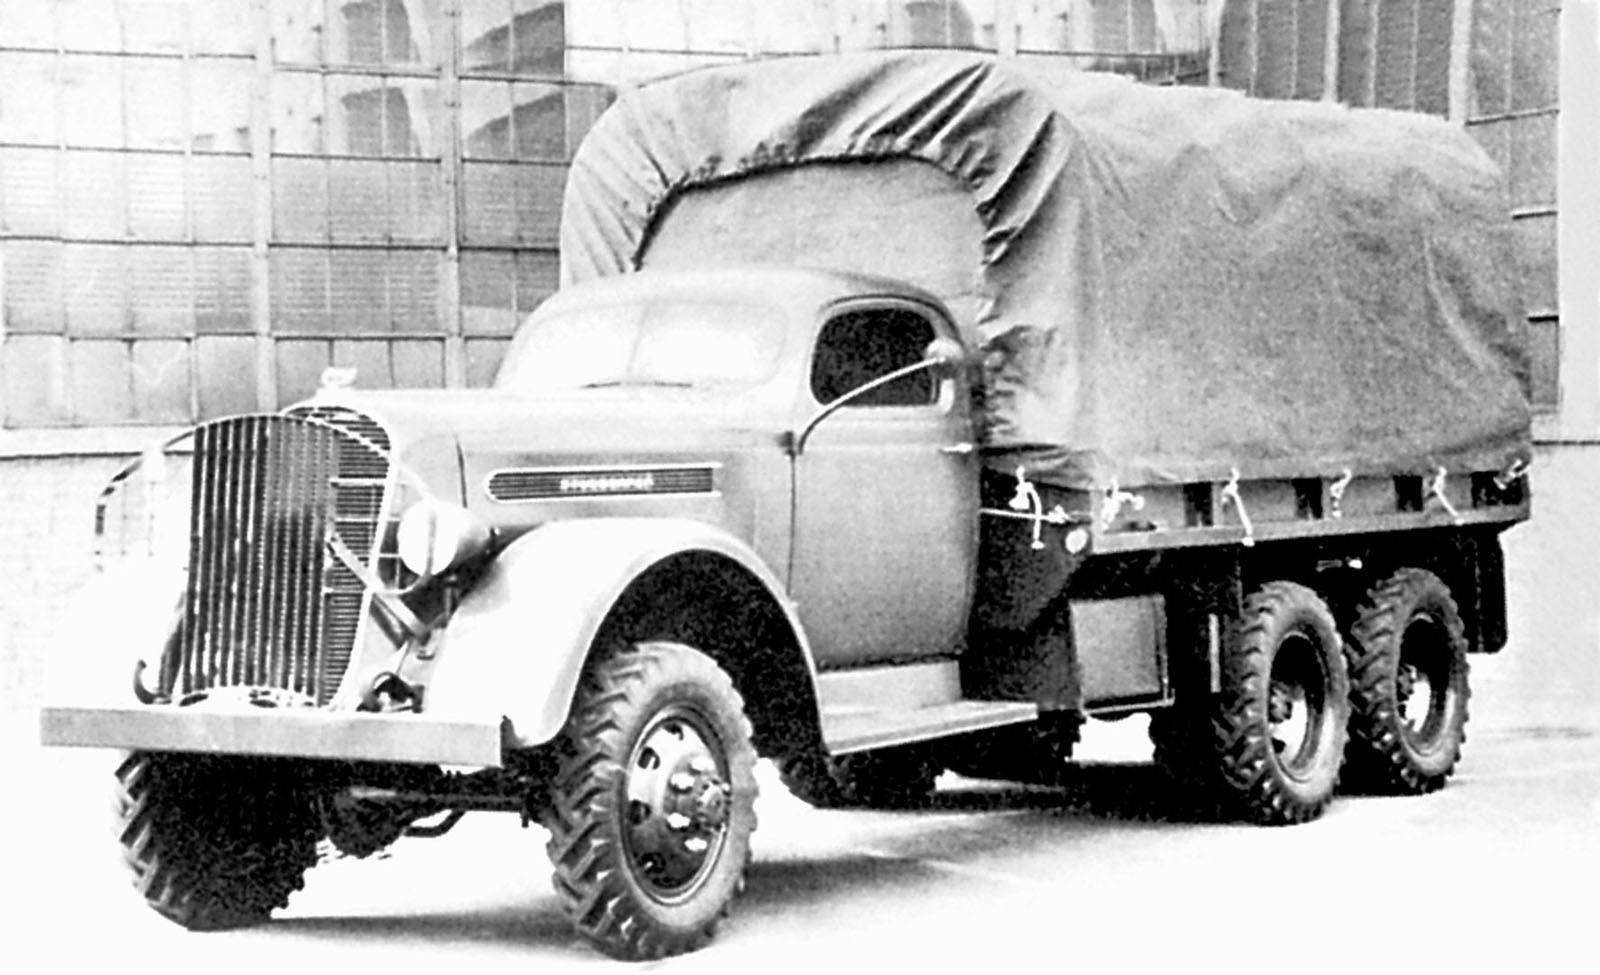 Первый трехосный 2,5-тонный военный автомобиль Studebaker K25S. 1941 год